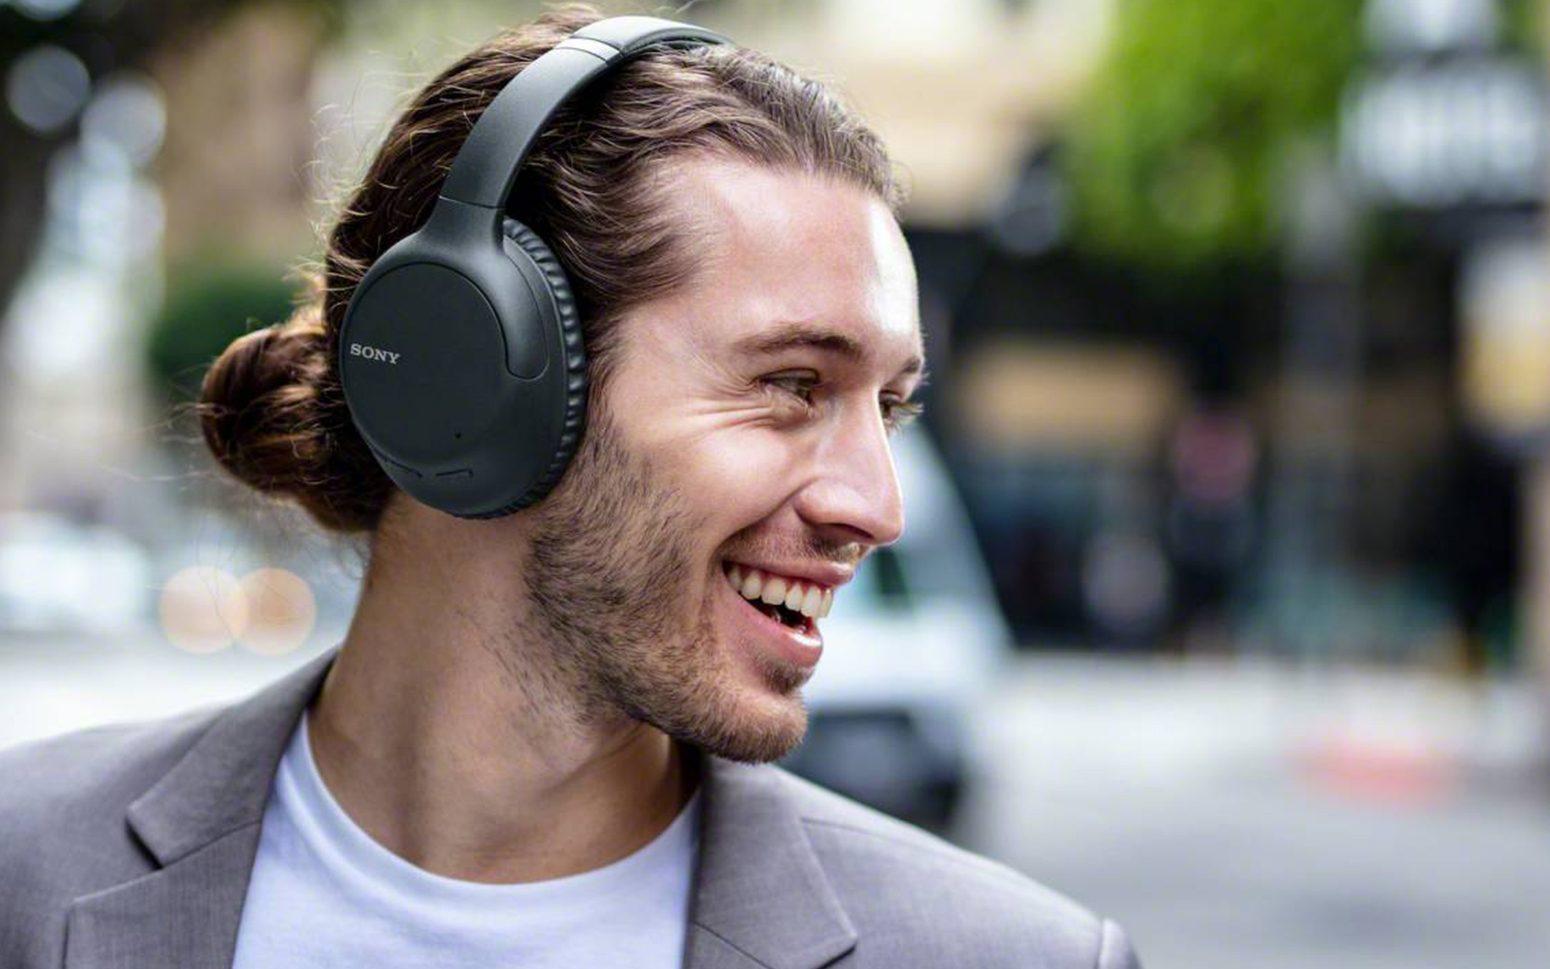 FC - Headphones & Wireless